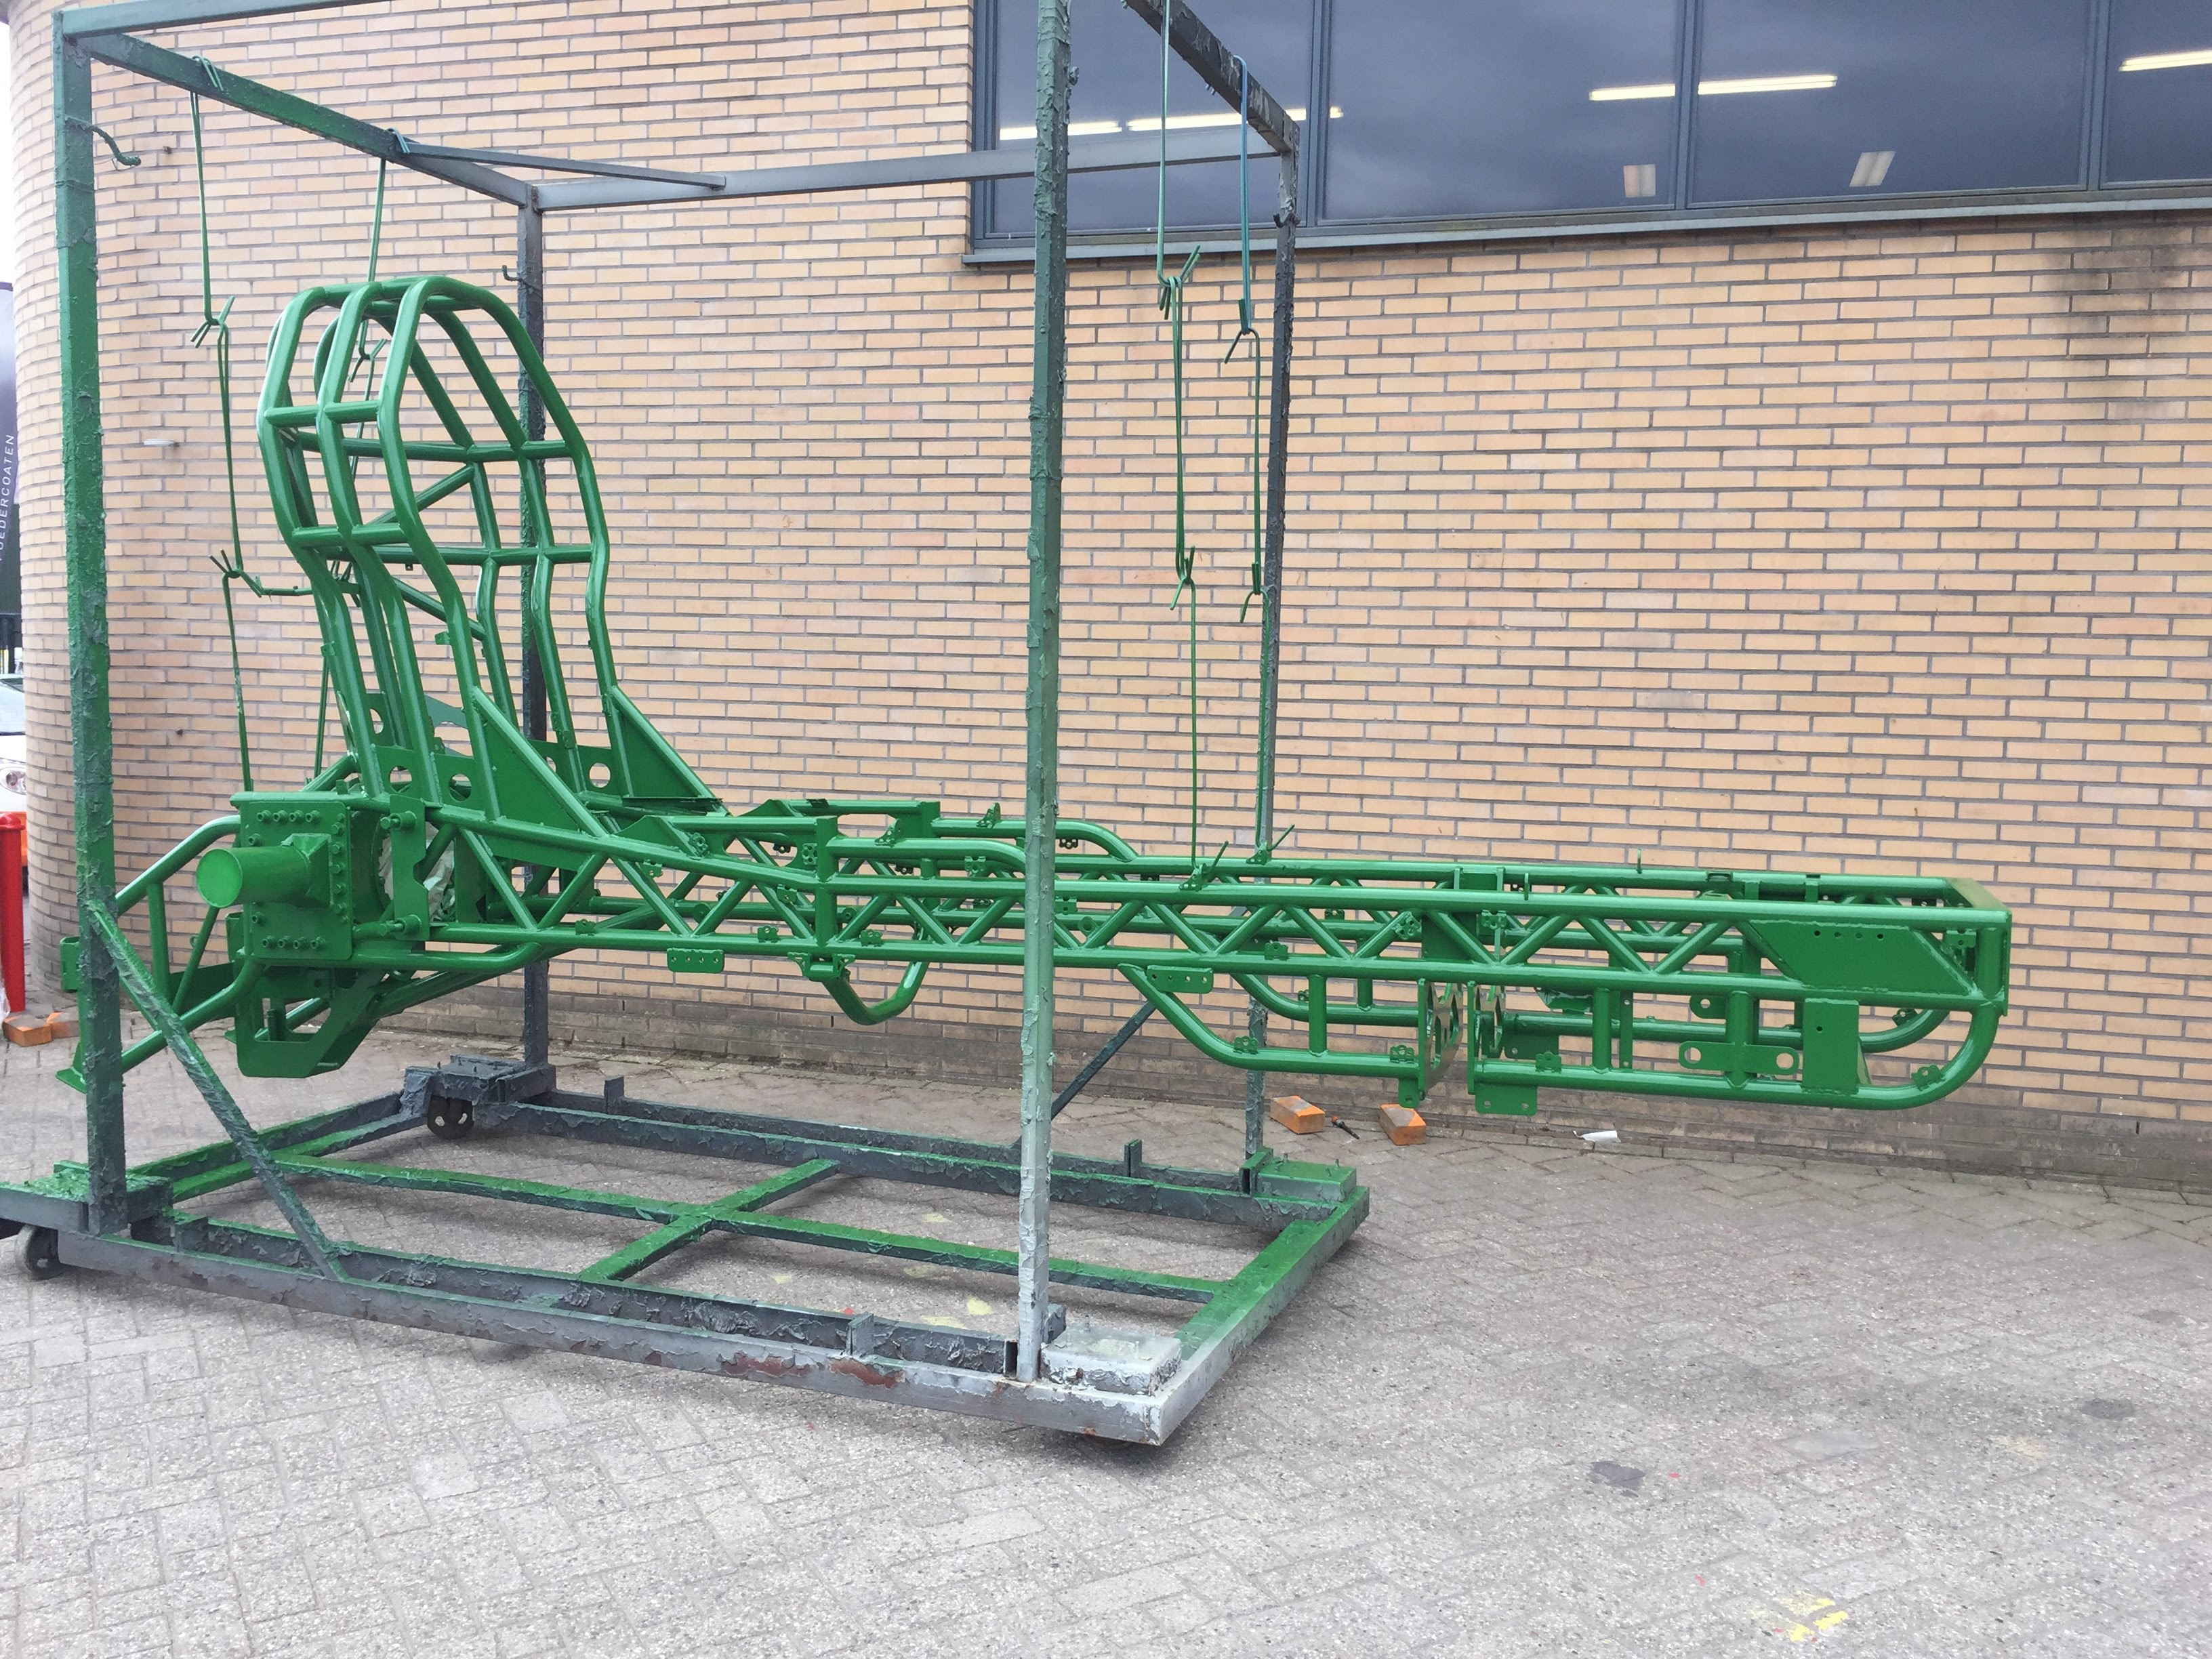 Stralen, poedercoaten, primer, duurzaam, Vriezenveen, Twente, Tractor pulling